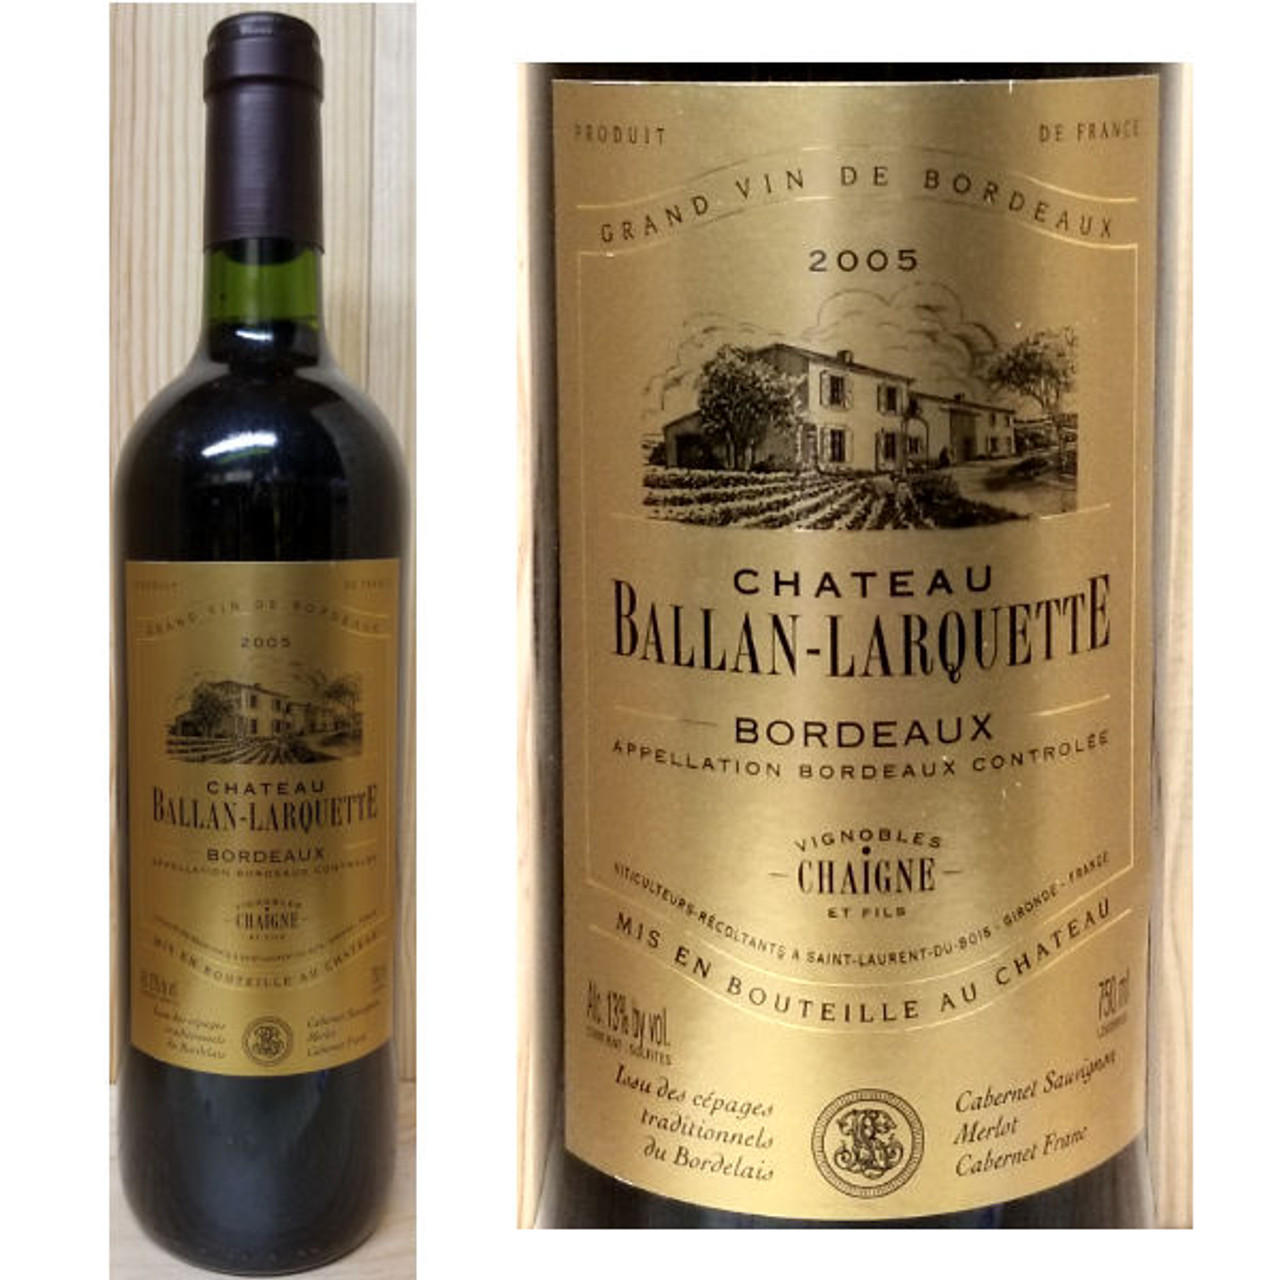 Chateau Ballan-Larquette Bordeaux